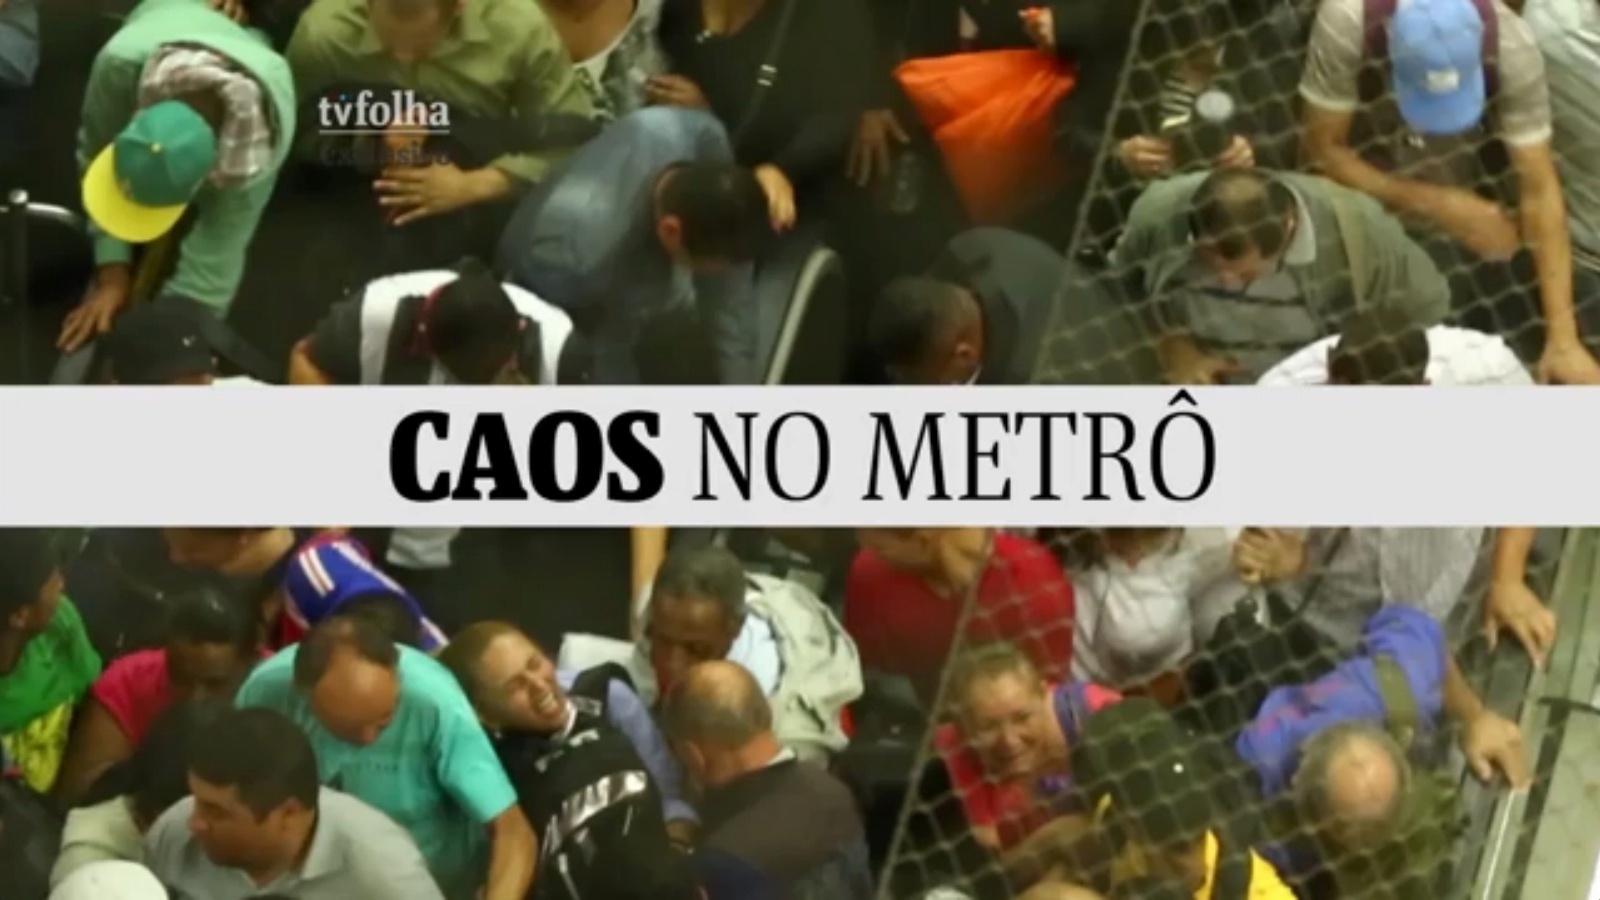 Em dia de greve dos rodoviários em São Paulo, estações do metrô ficaram lotadas, obrigado usuários a se apertarem para conseguir chegar aos trens na volta para casa